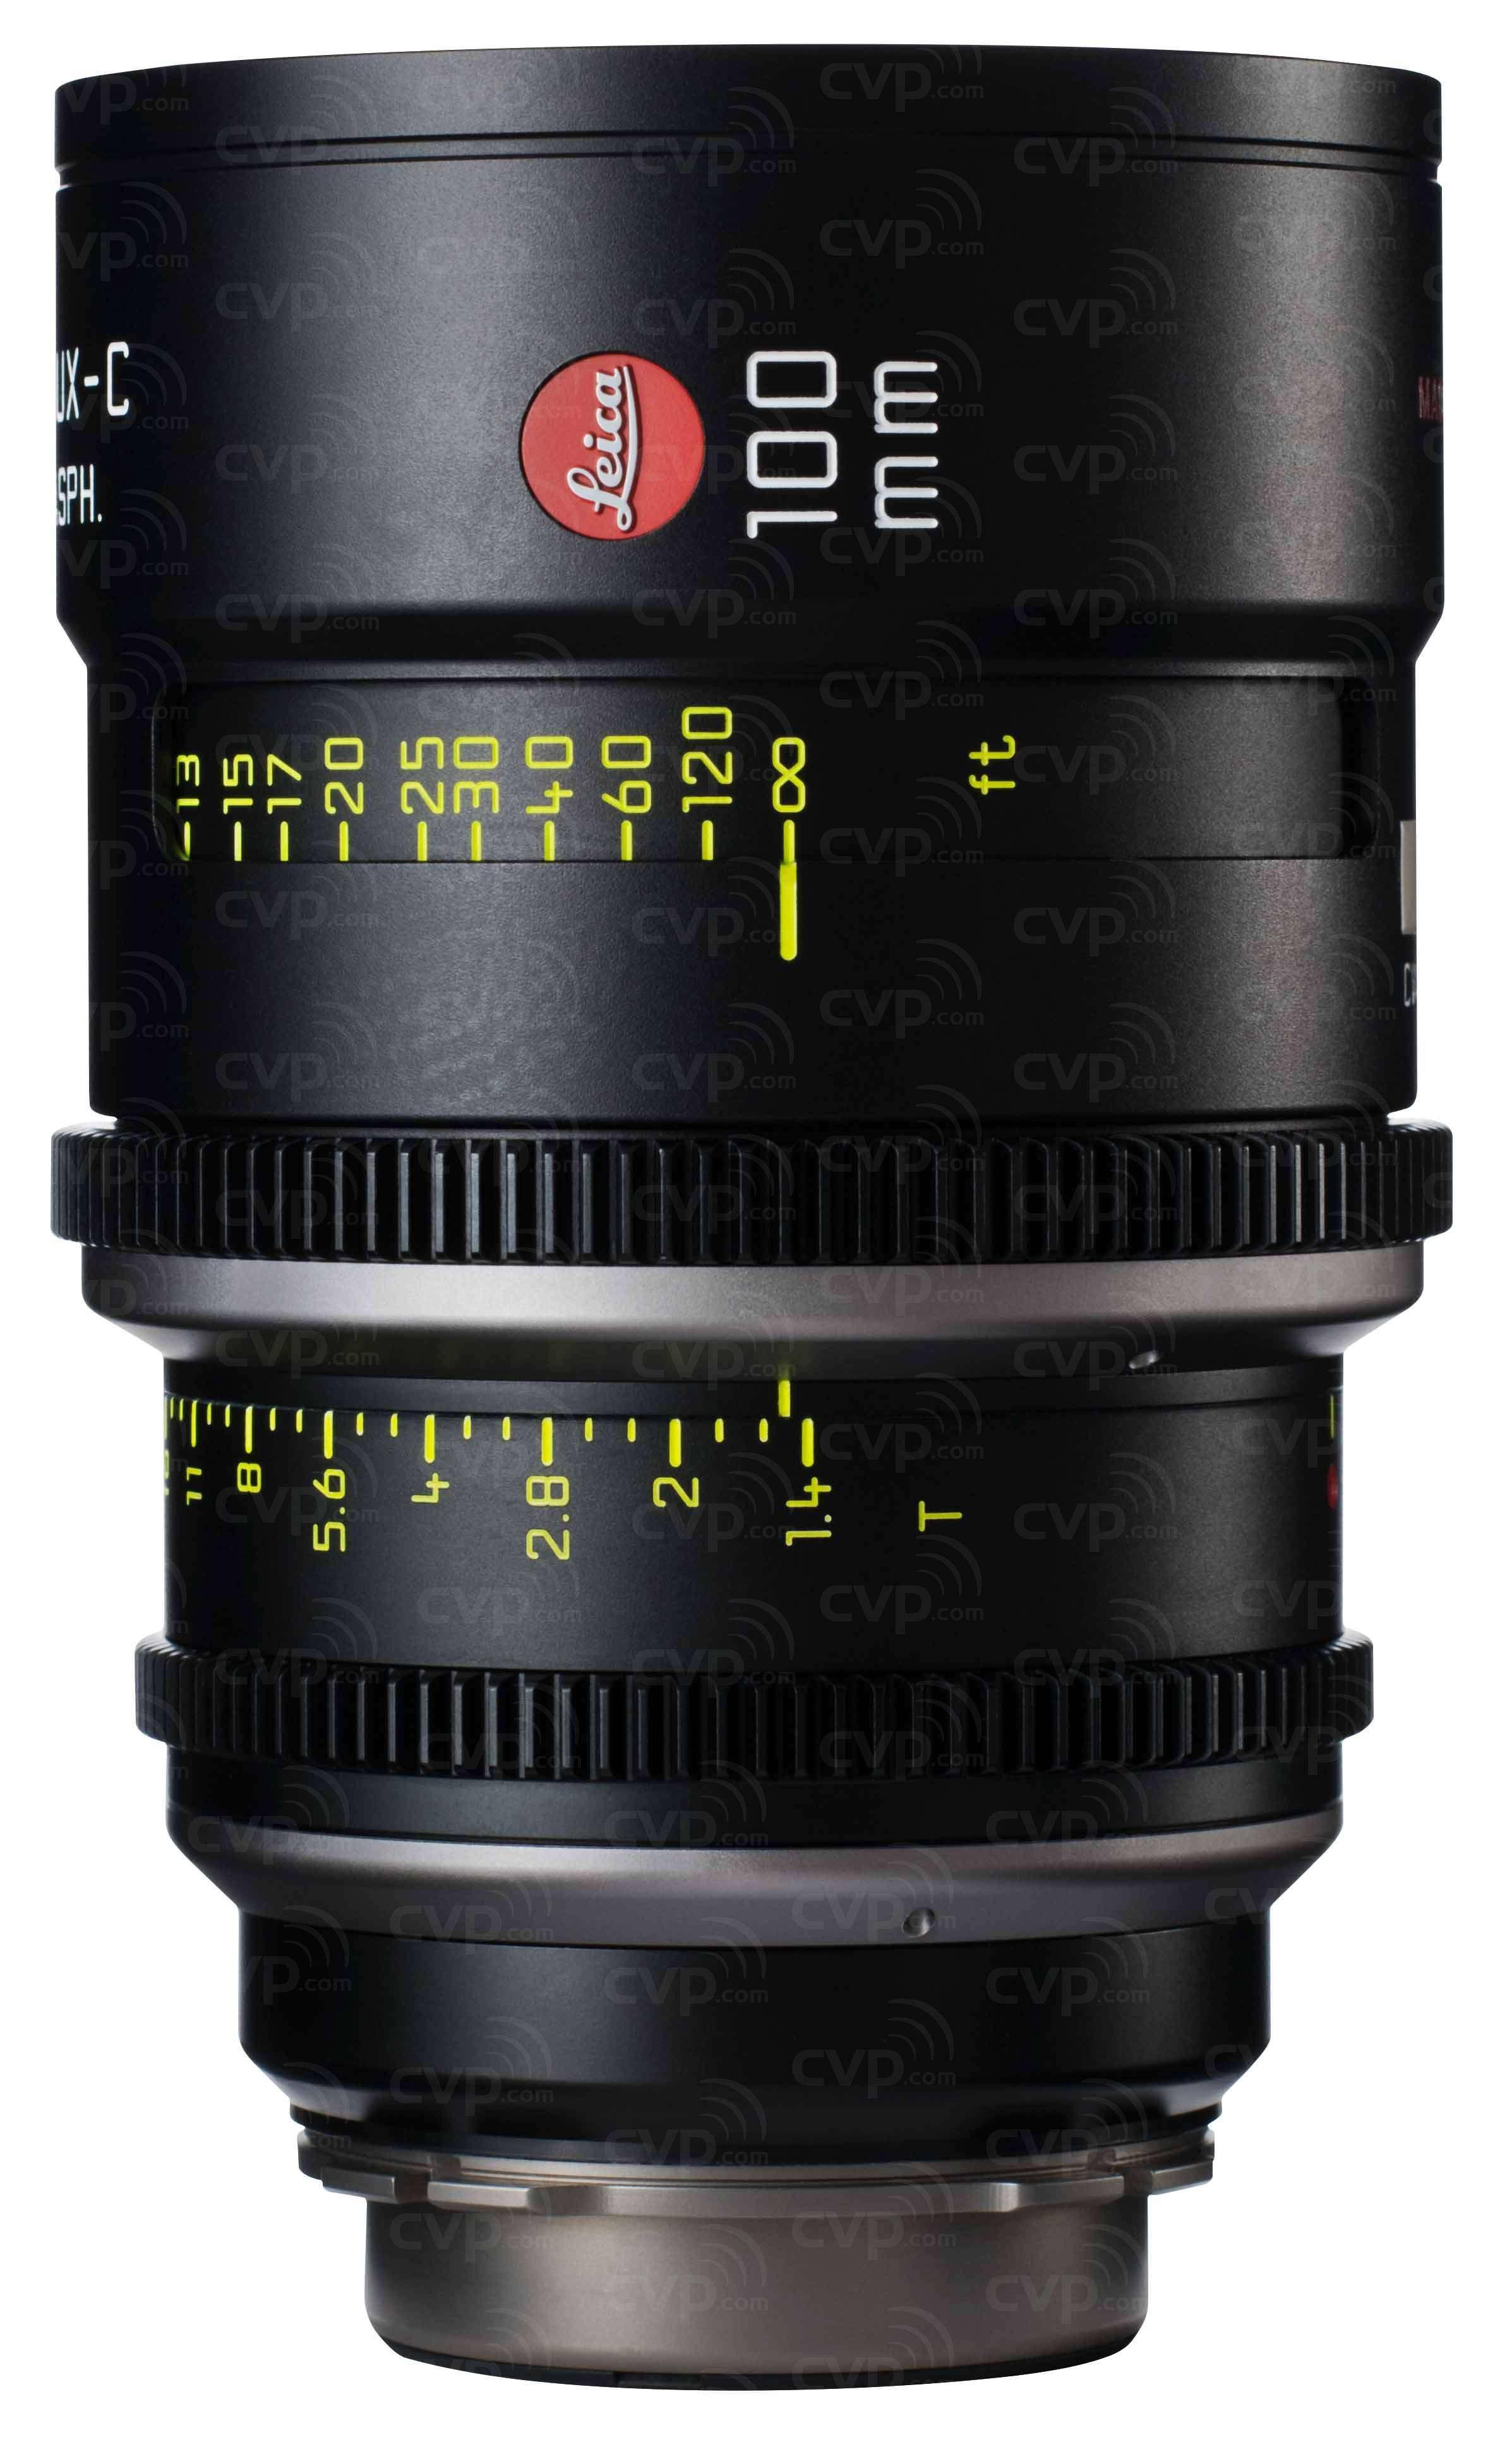 Leica 100mm T1.4 Summilux-C Cine Lens - PL Mount (Imperial)